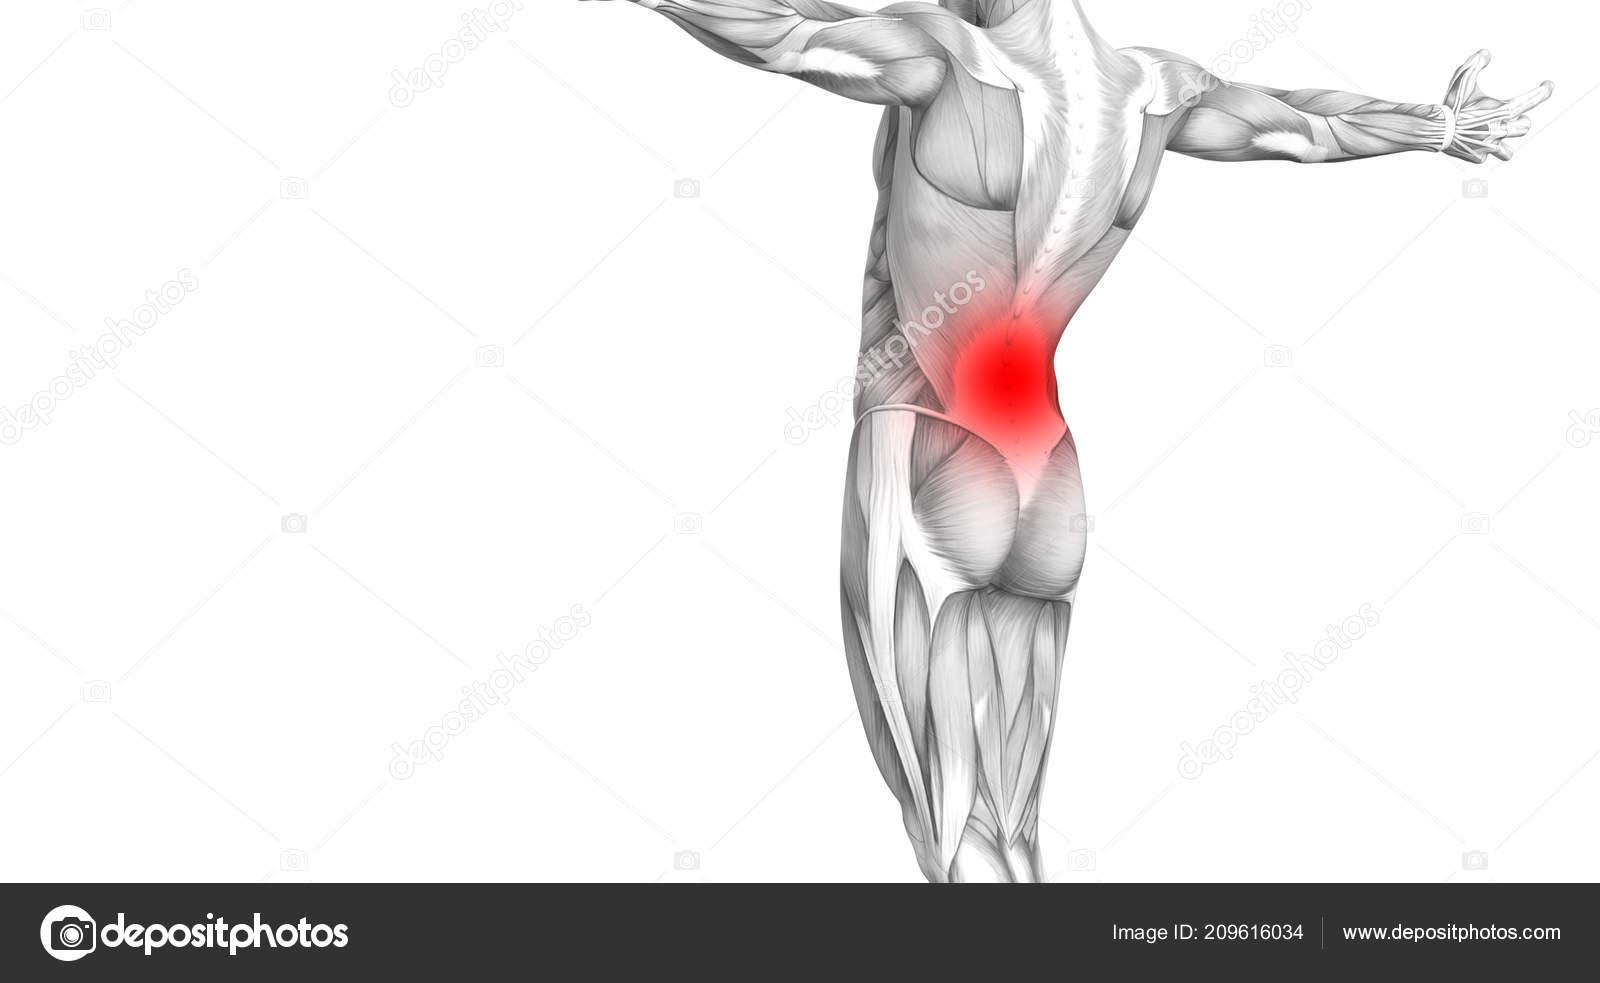 oszteoporózis artritisz kezelése szédül fájó ízületek beteg